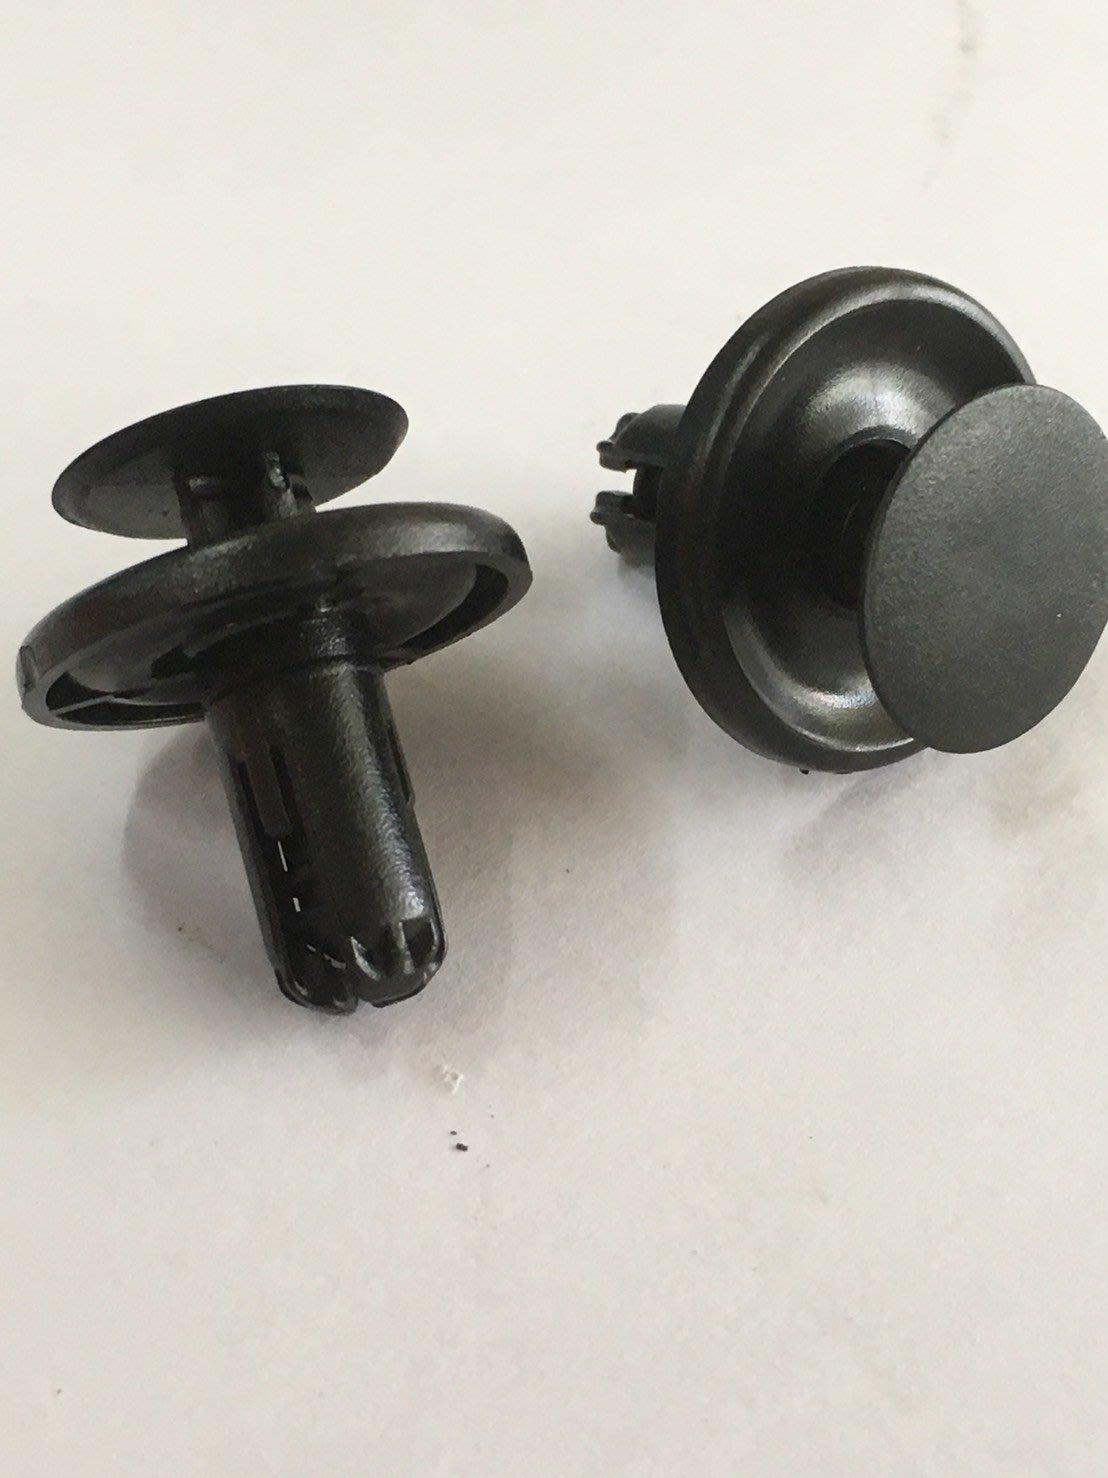 材料達人 TOYOTA 豐田 通用 YARIS 保桿固定扣 保桿扣 釦 保險桿固定扣 保險桿扣